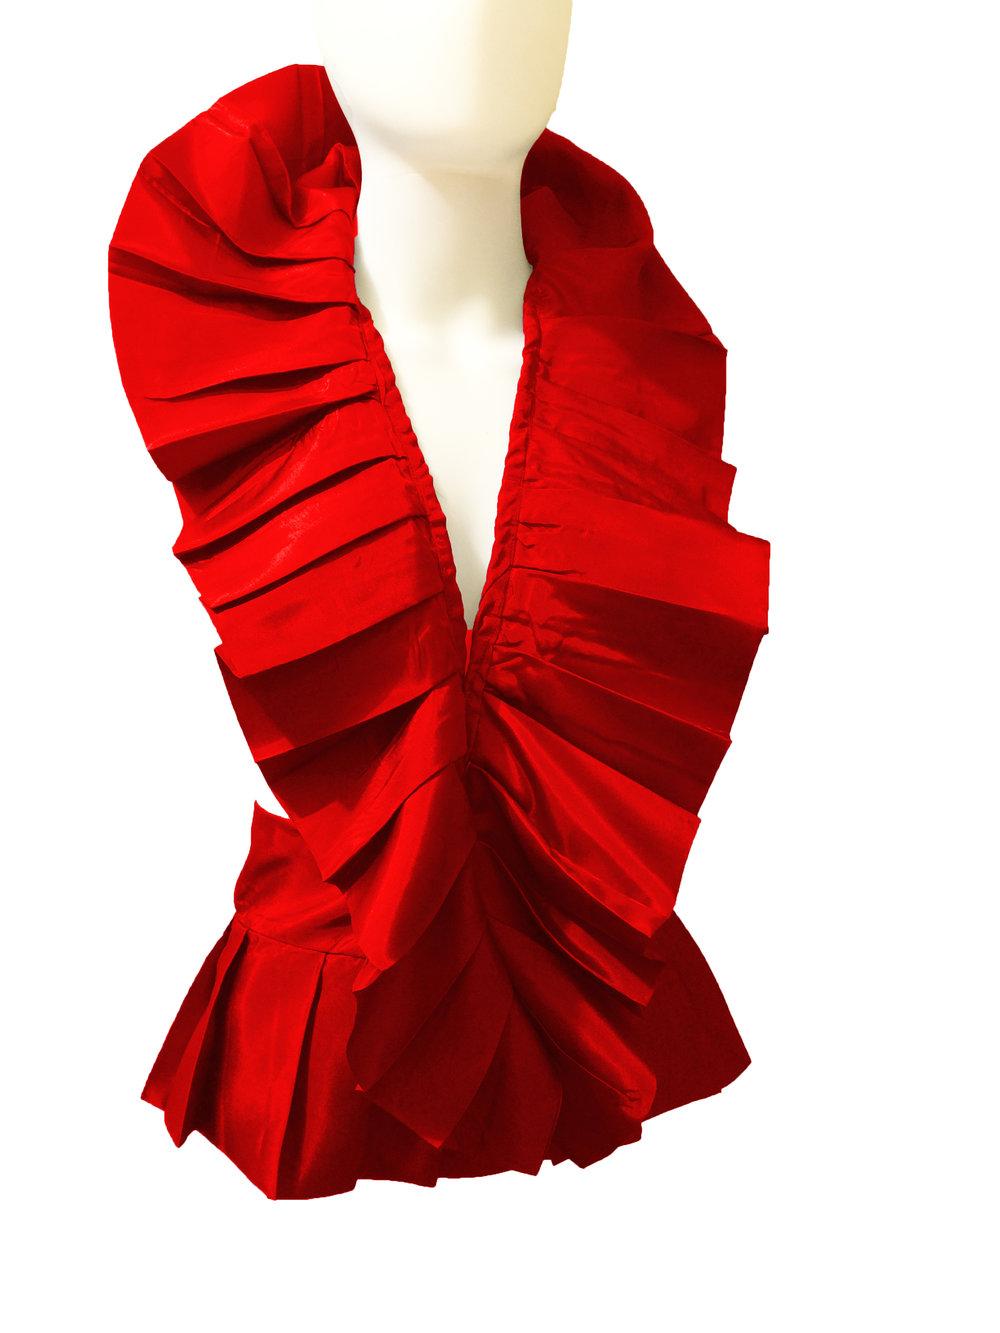 red ruffle.jpg